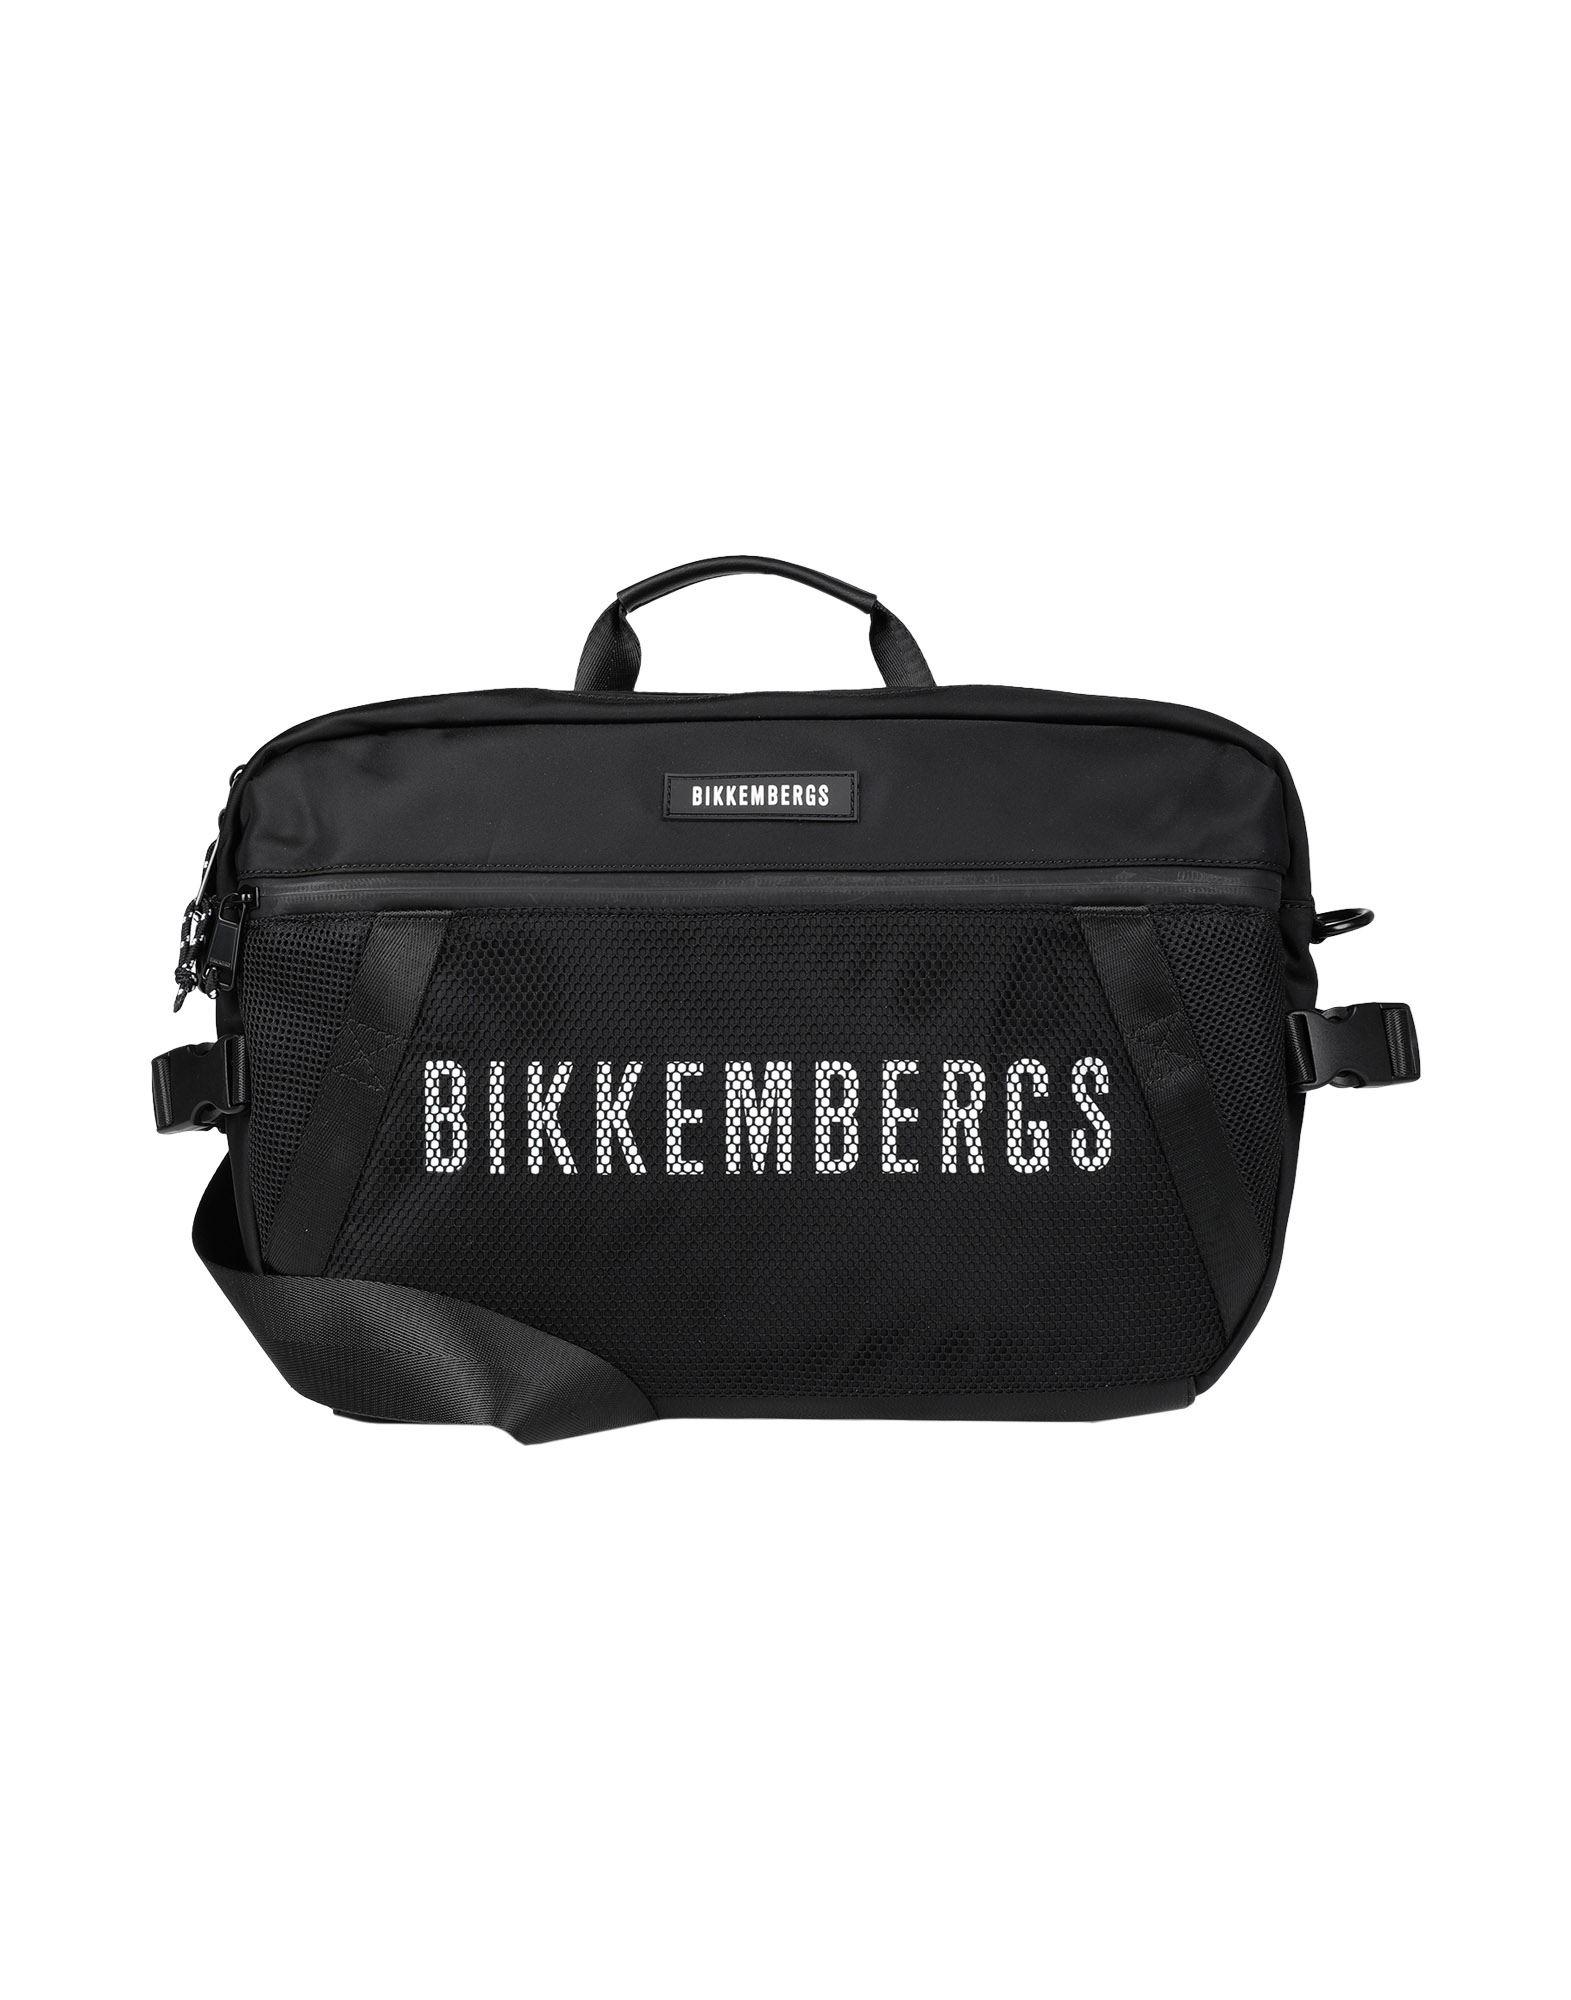 BIKKEMBERGS Деловые сумки bag giulia monti сумки деловые